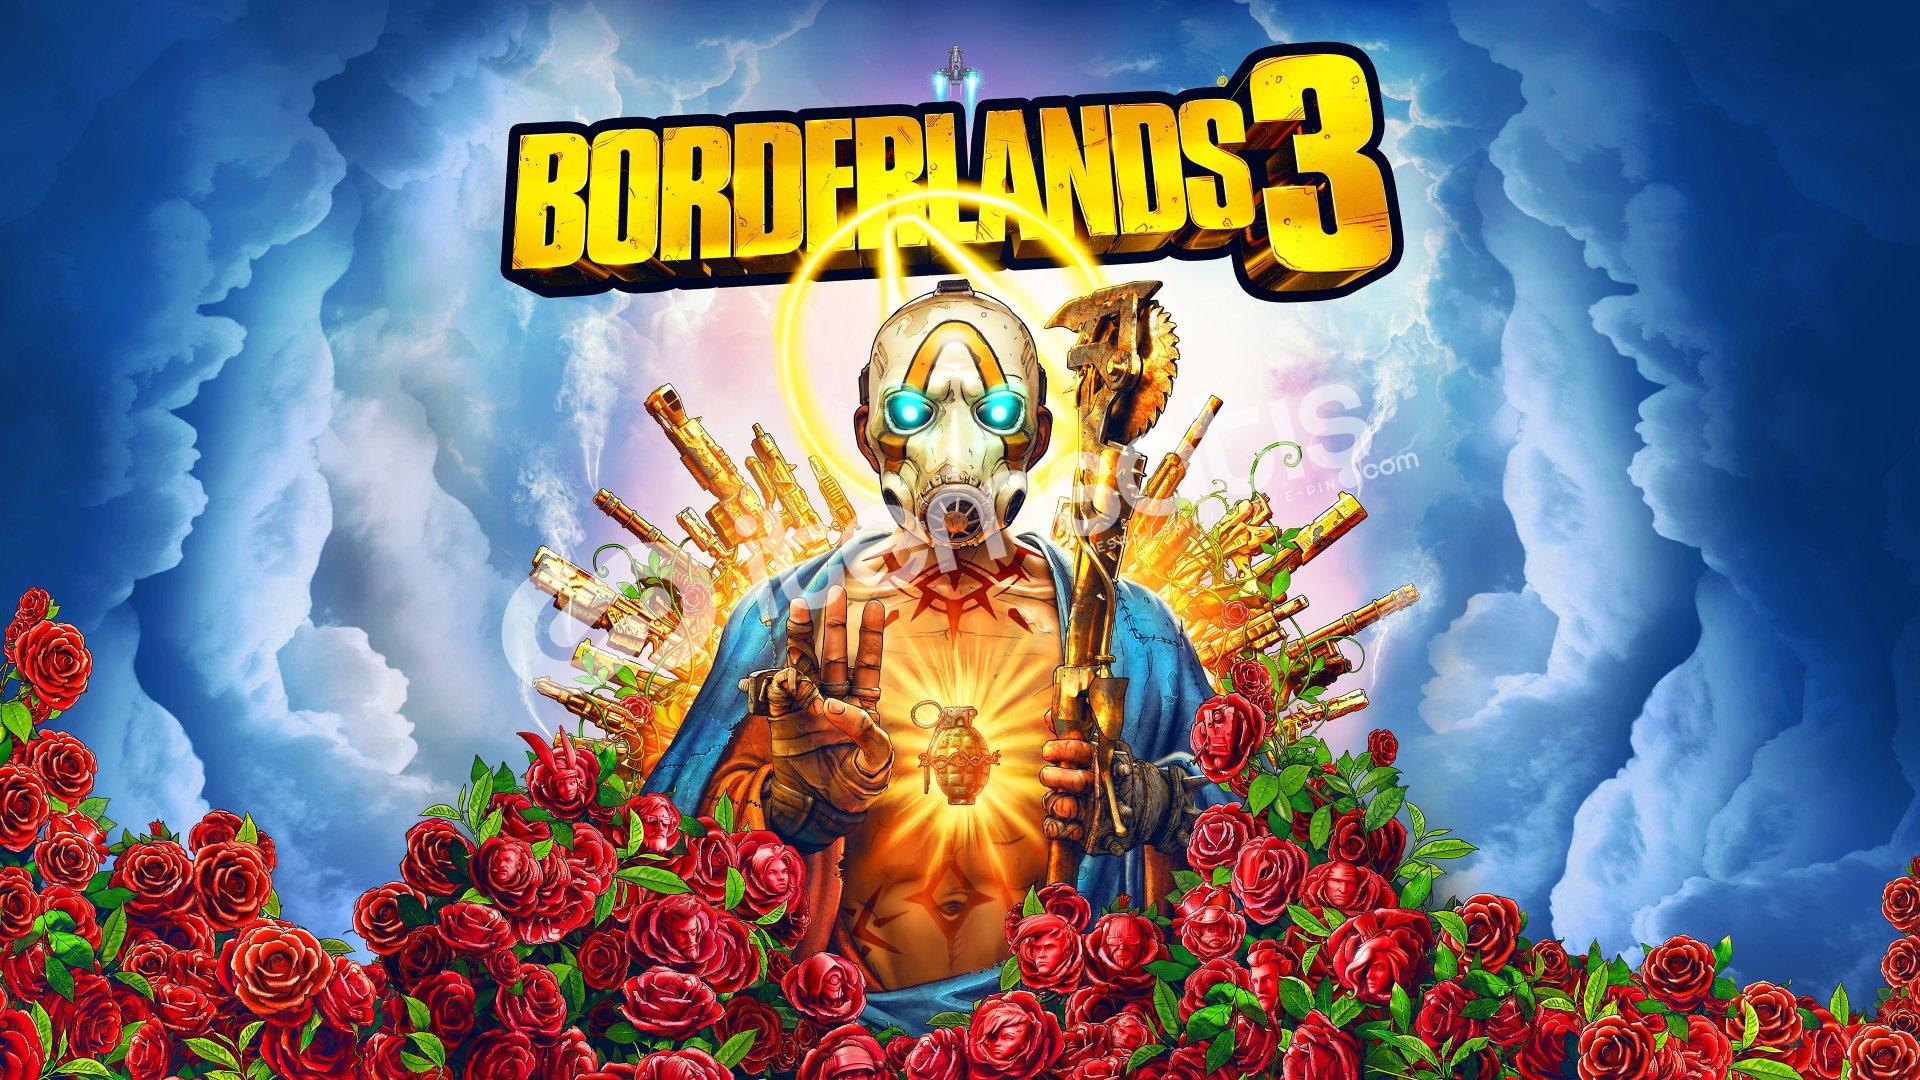 Borderlands 3 (6.99TL)